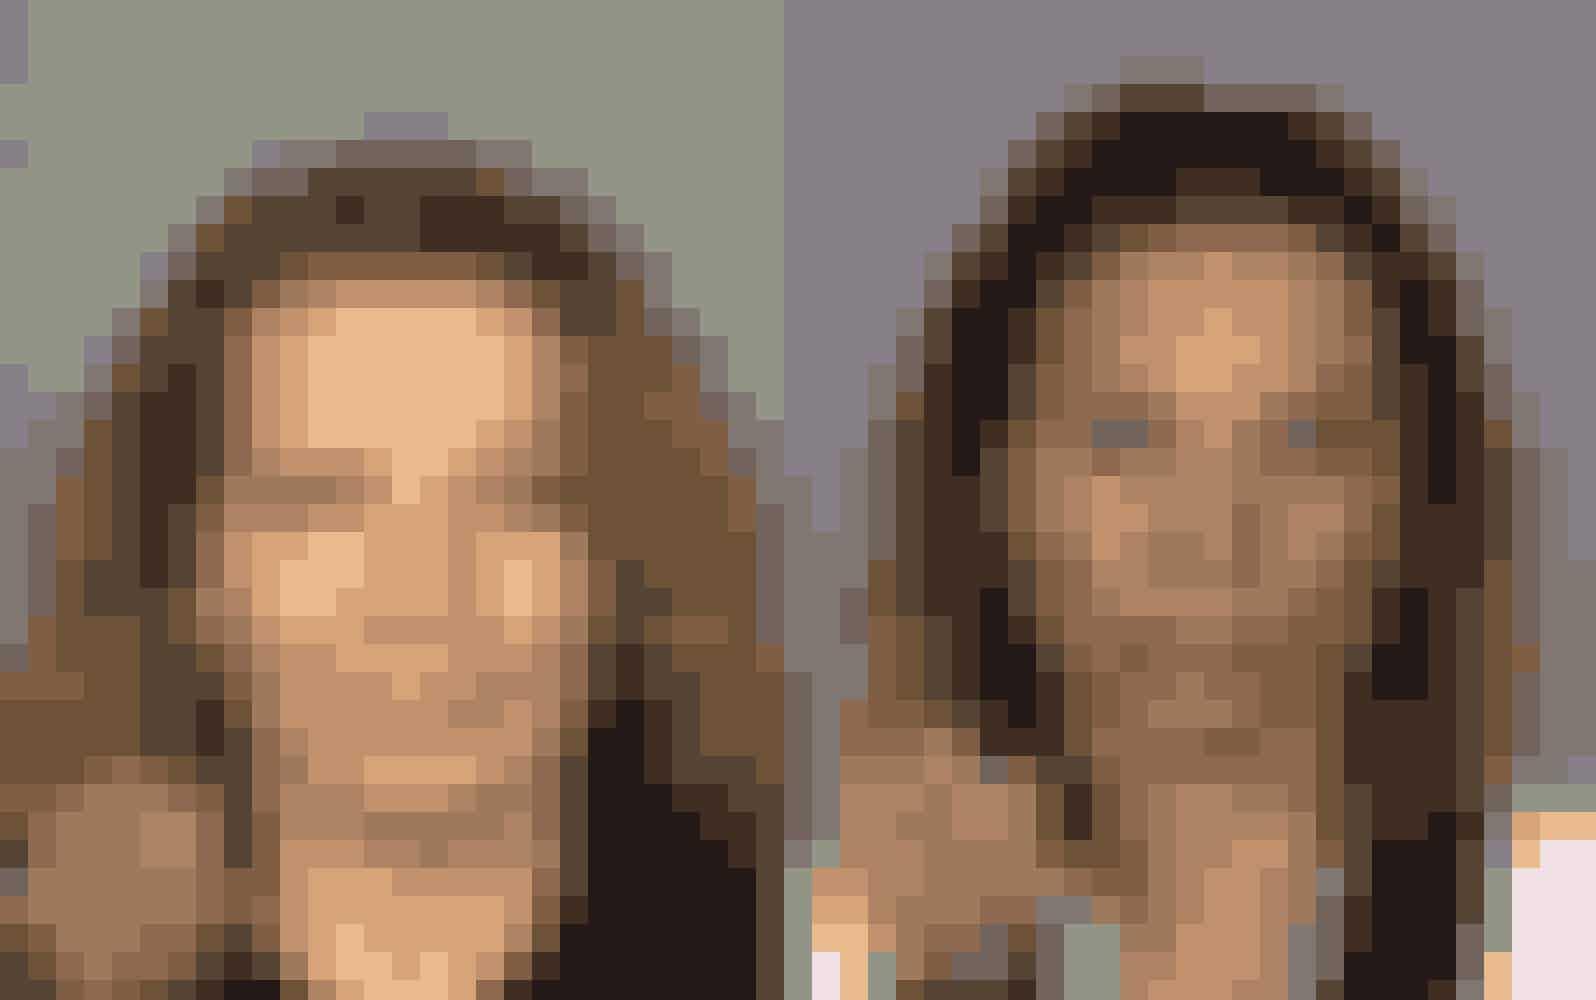 Denne kvinde var afhængig af metamfetamin. Venstre billede er fra 2007 og højre erfra 2008.